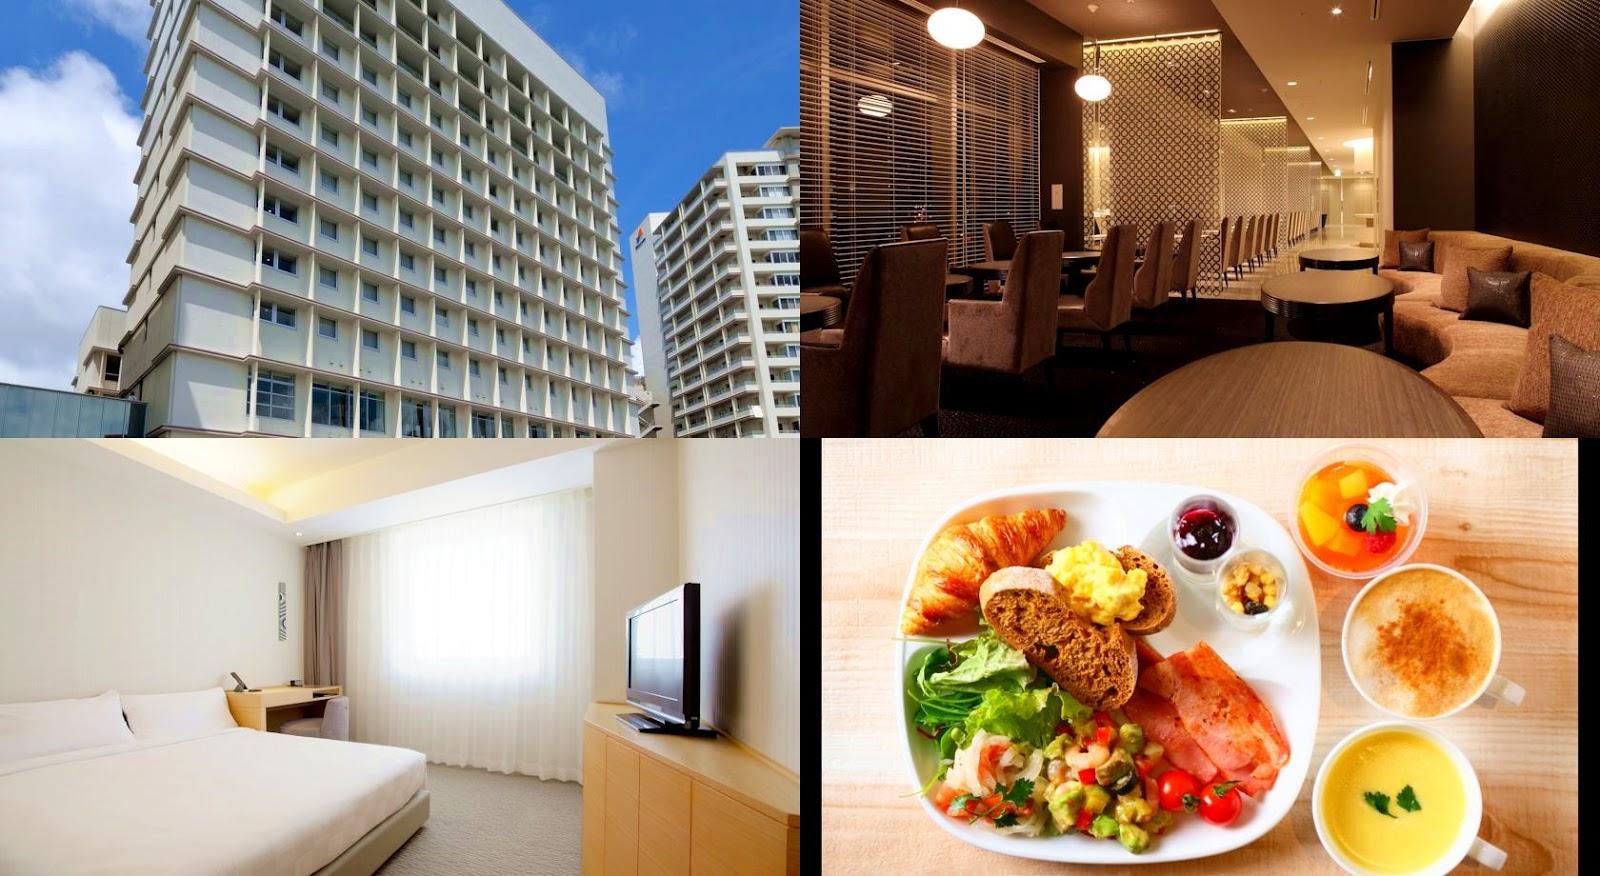 沖繩-住宿-推薦-飯店-旅館-民宿-公寓-那霸-東急REI酒店-Naha-Tokyu-REI-Hotel-Okinawa-hotel-recommendation